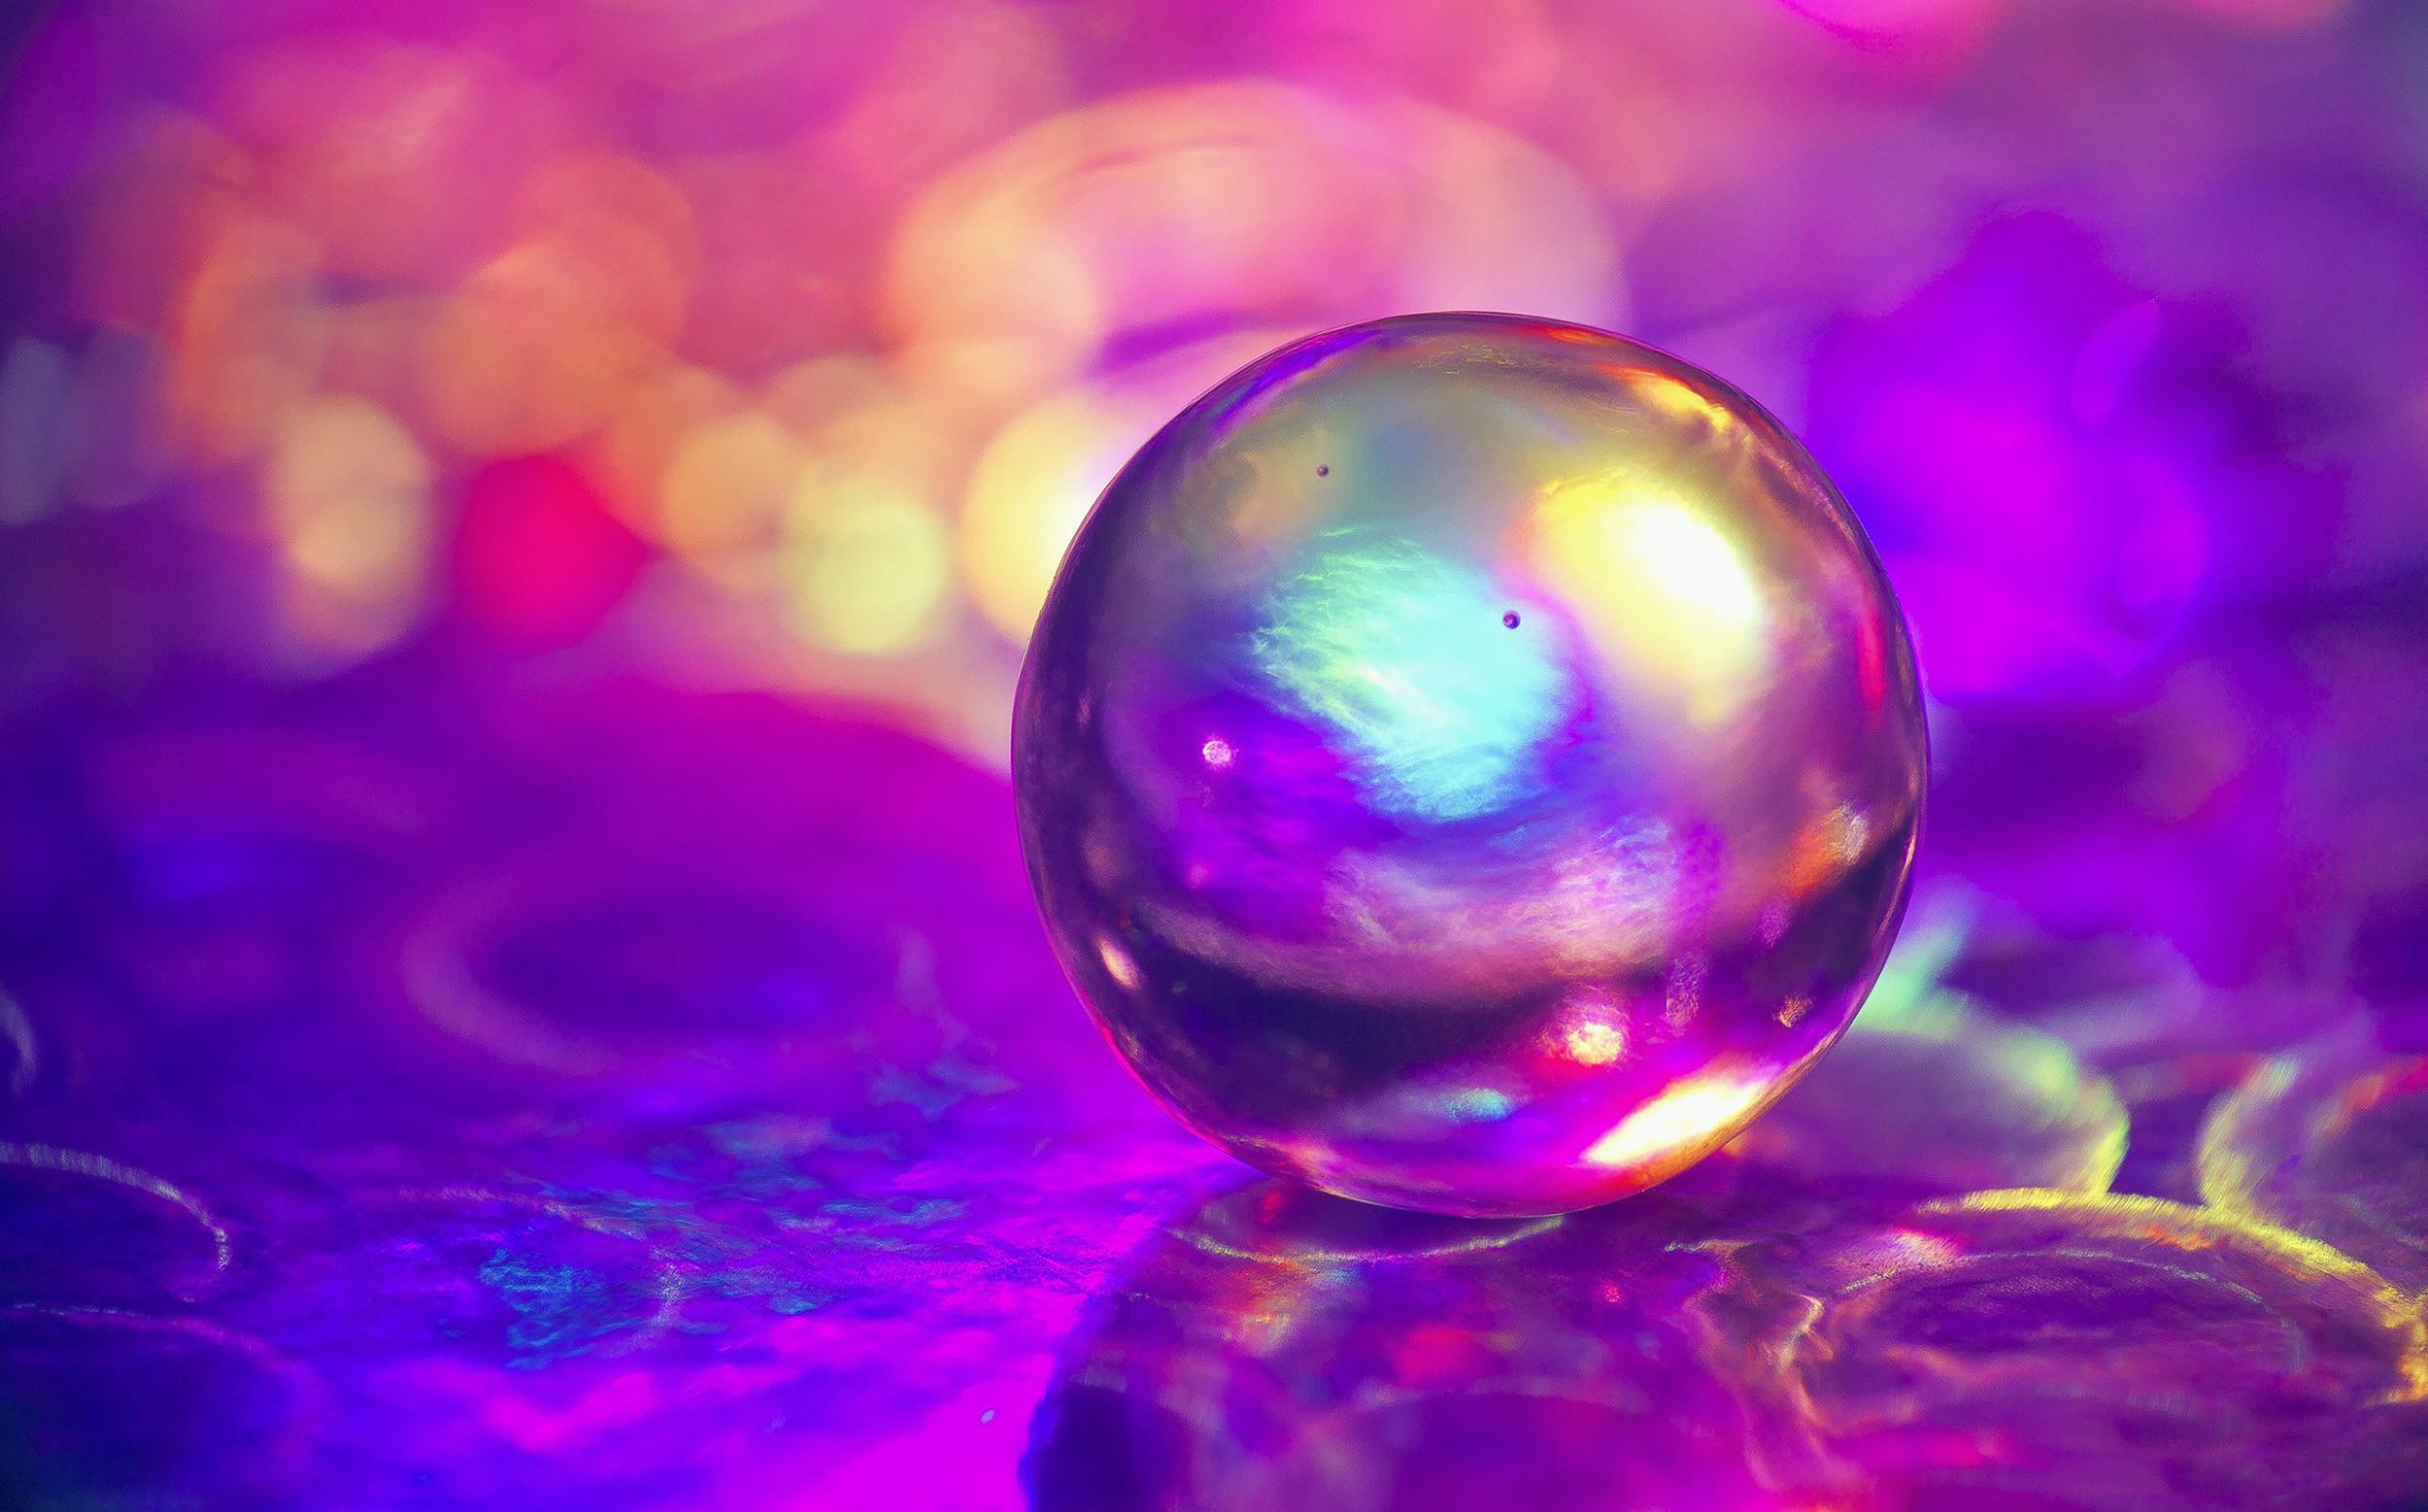 Sfondi bolle 67 immagini for Sfondi hd viola